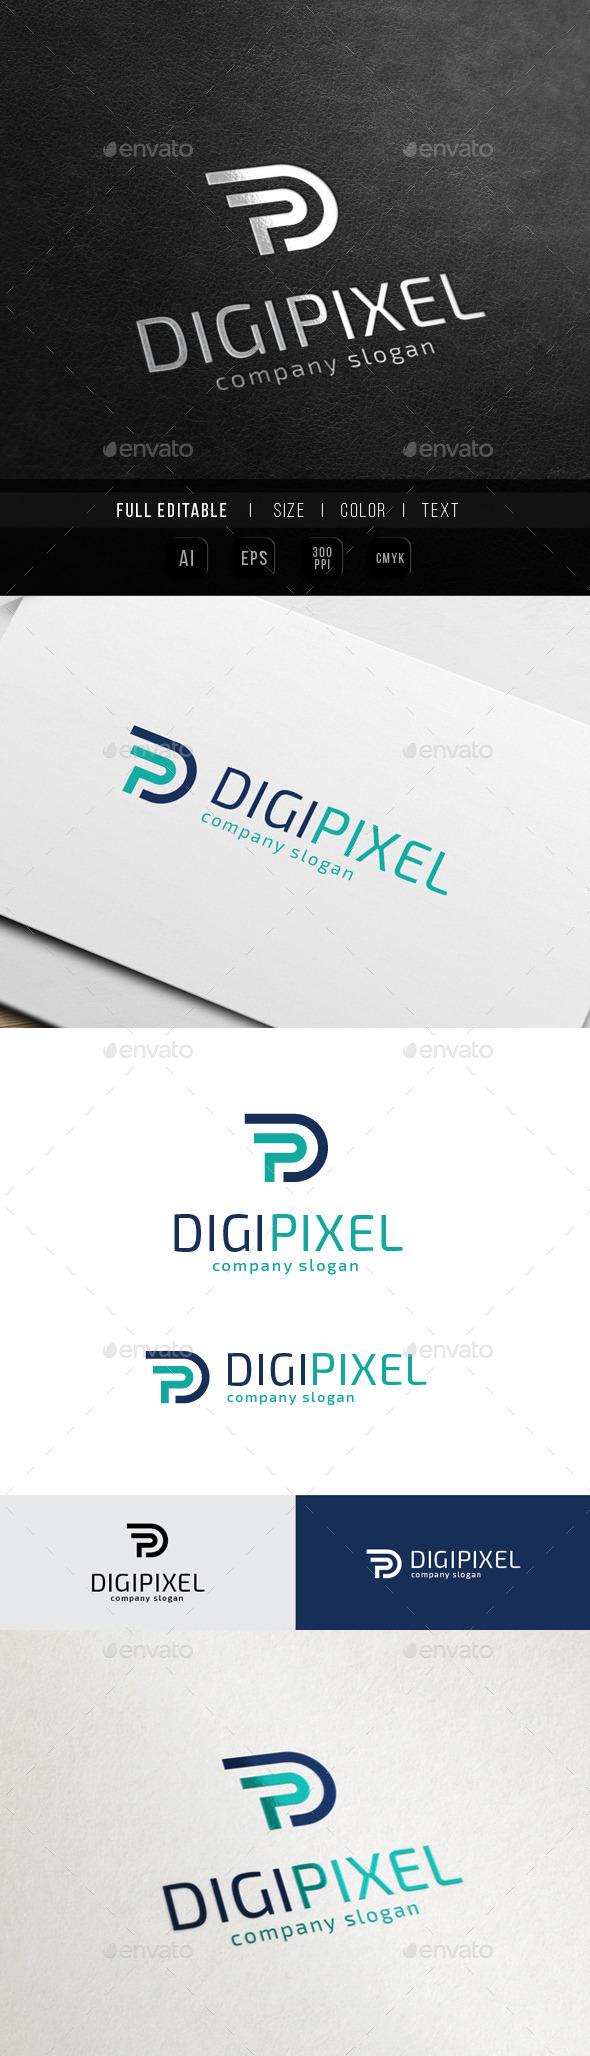 GraphicRiver Digital Production Letter P PD 10641608